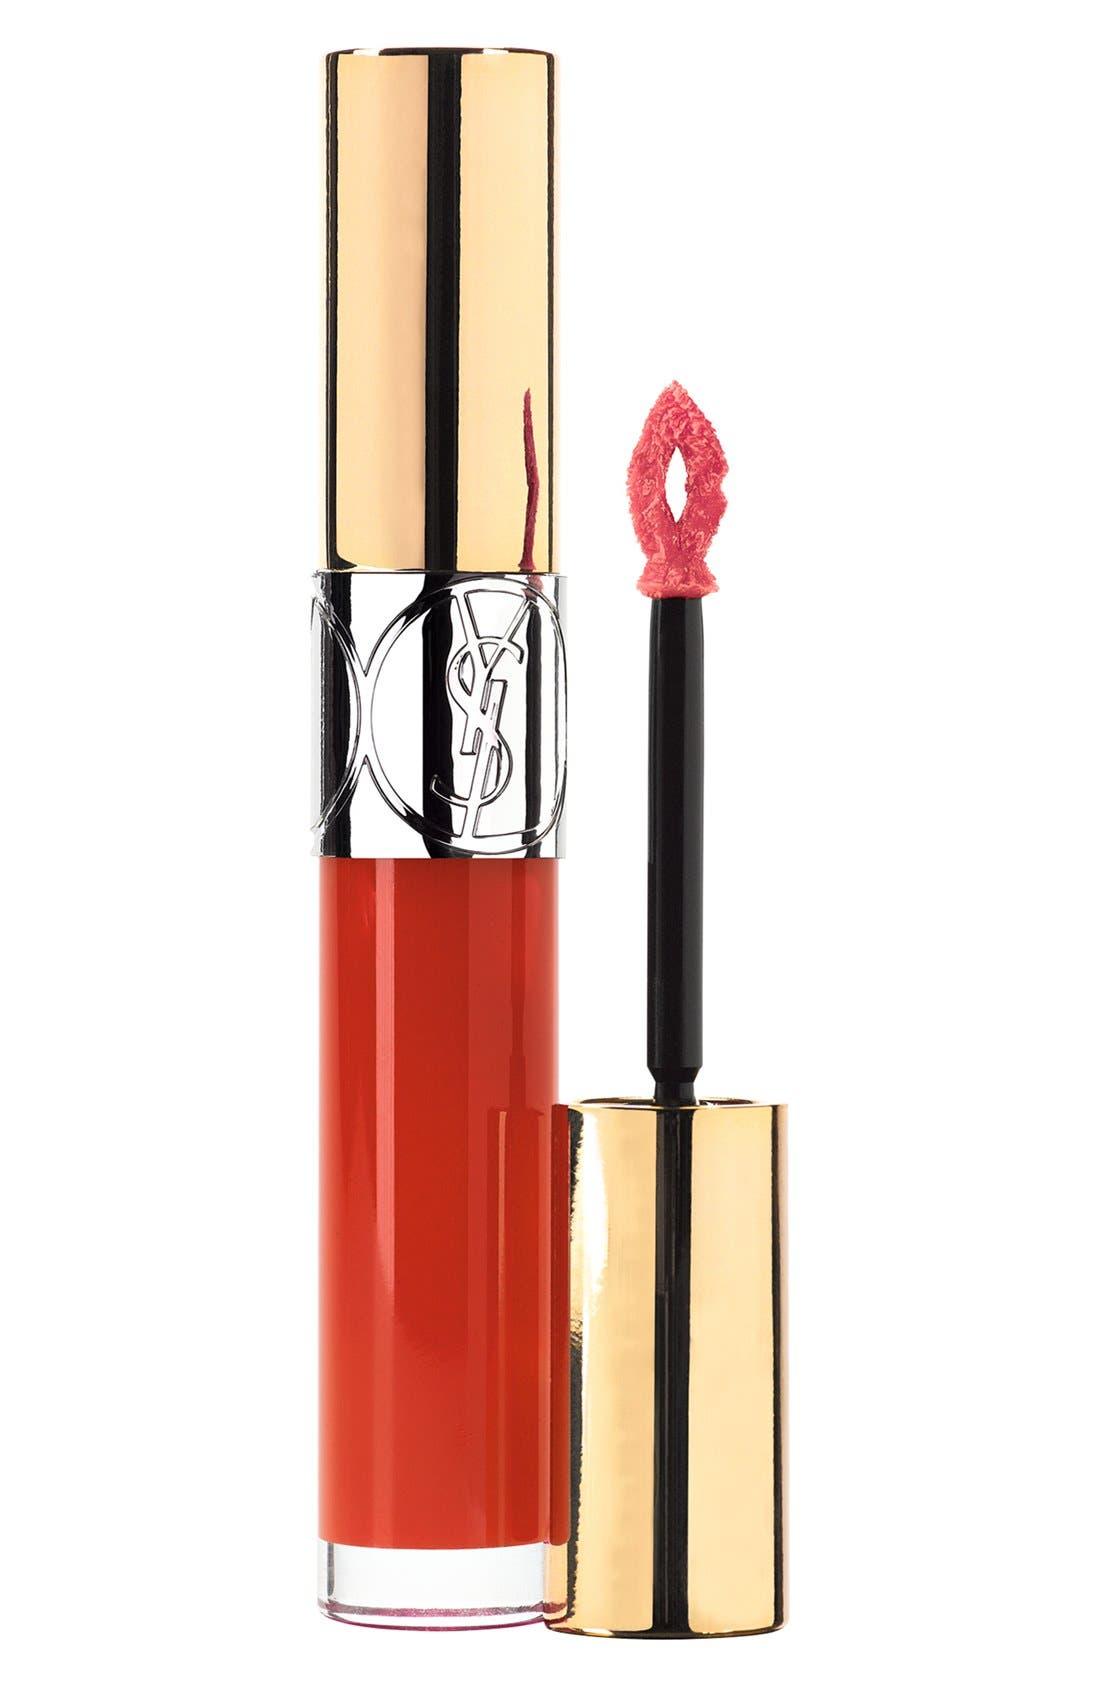 Yves Saint Laurent 'Gloss Volupte' Lip Gloss